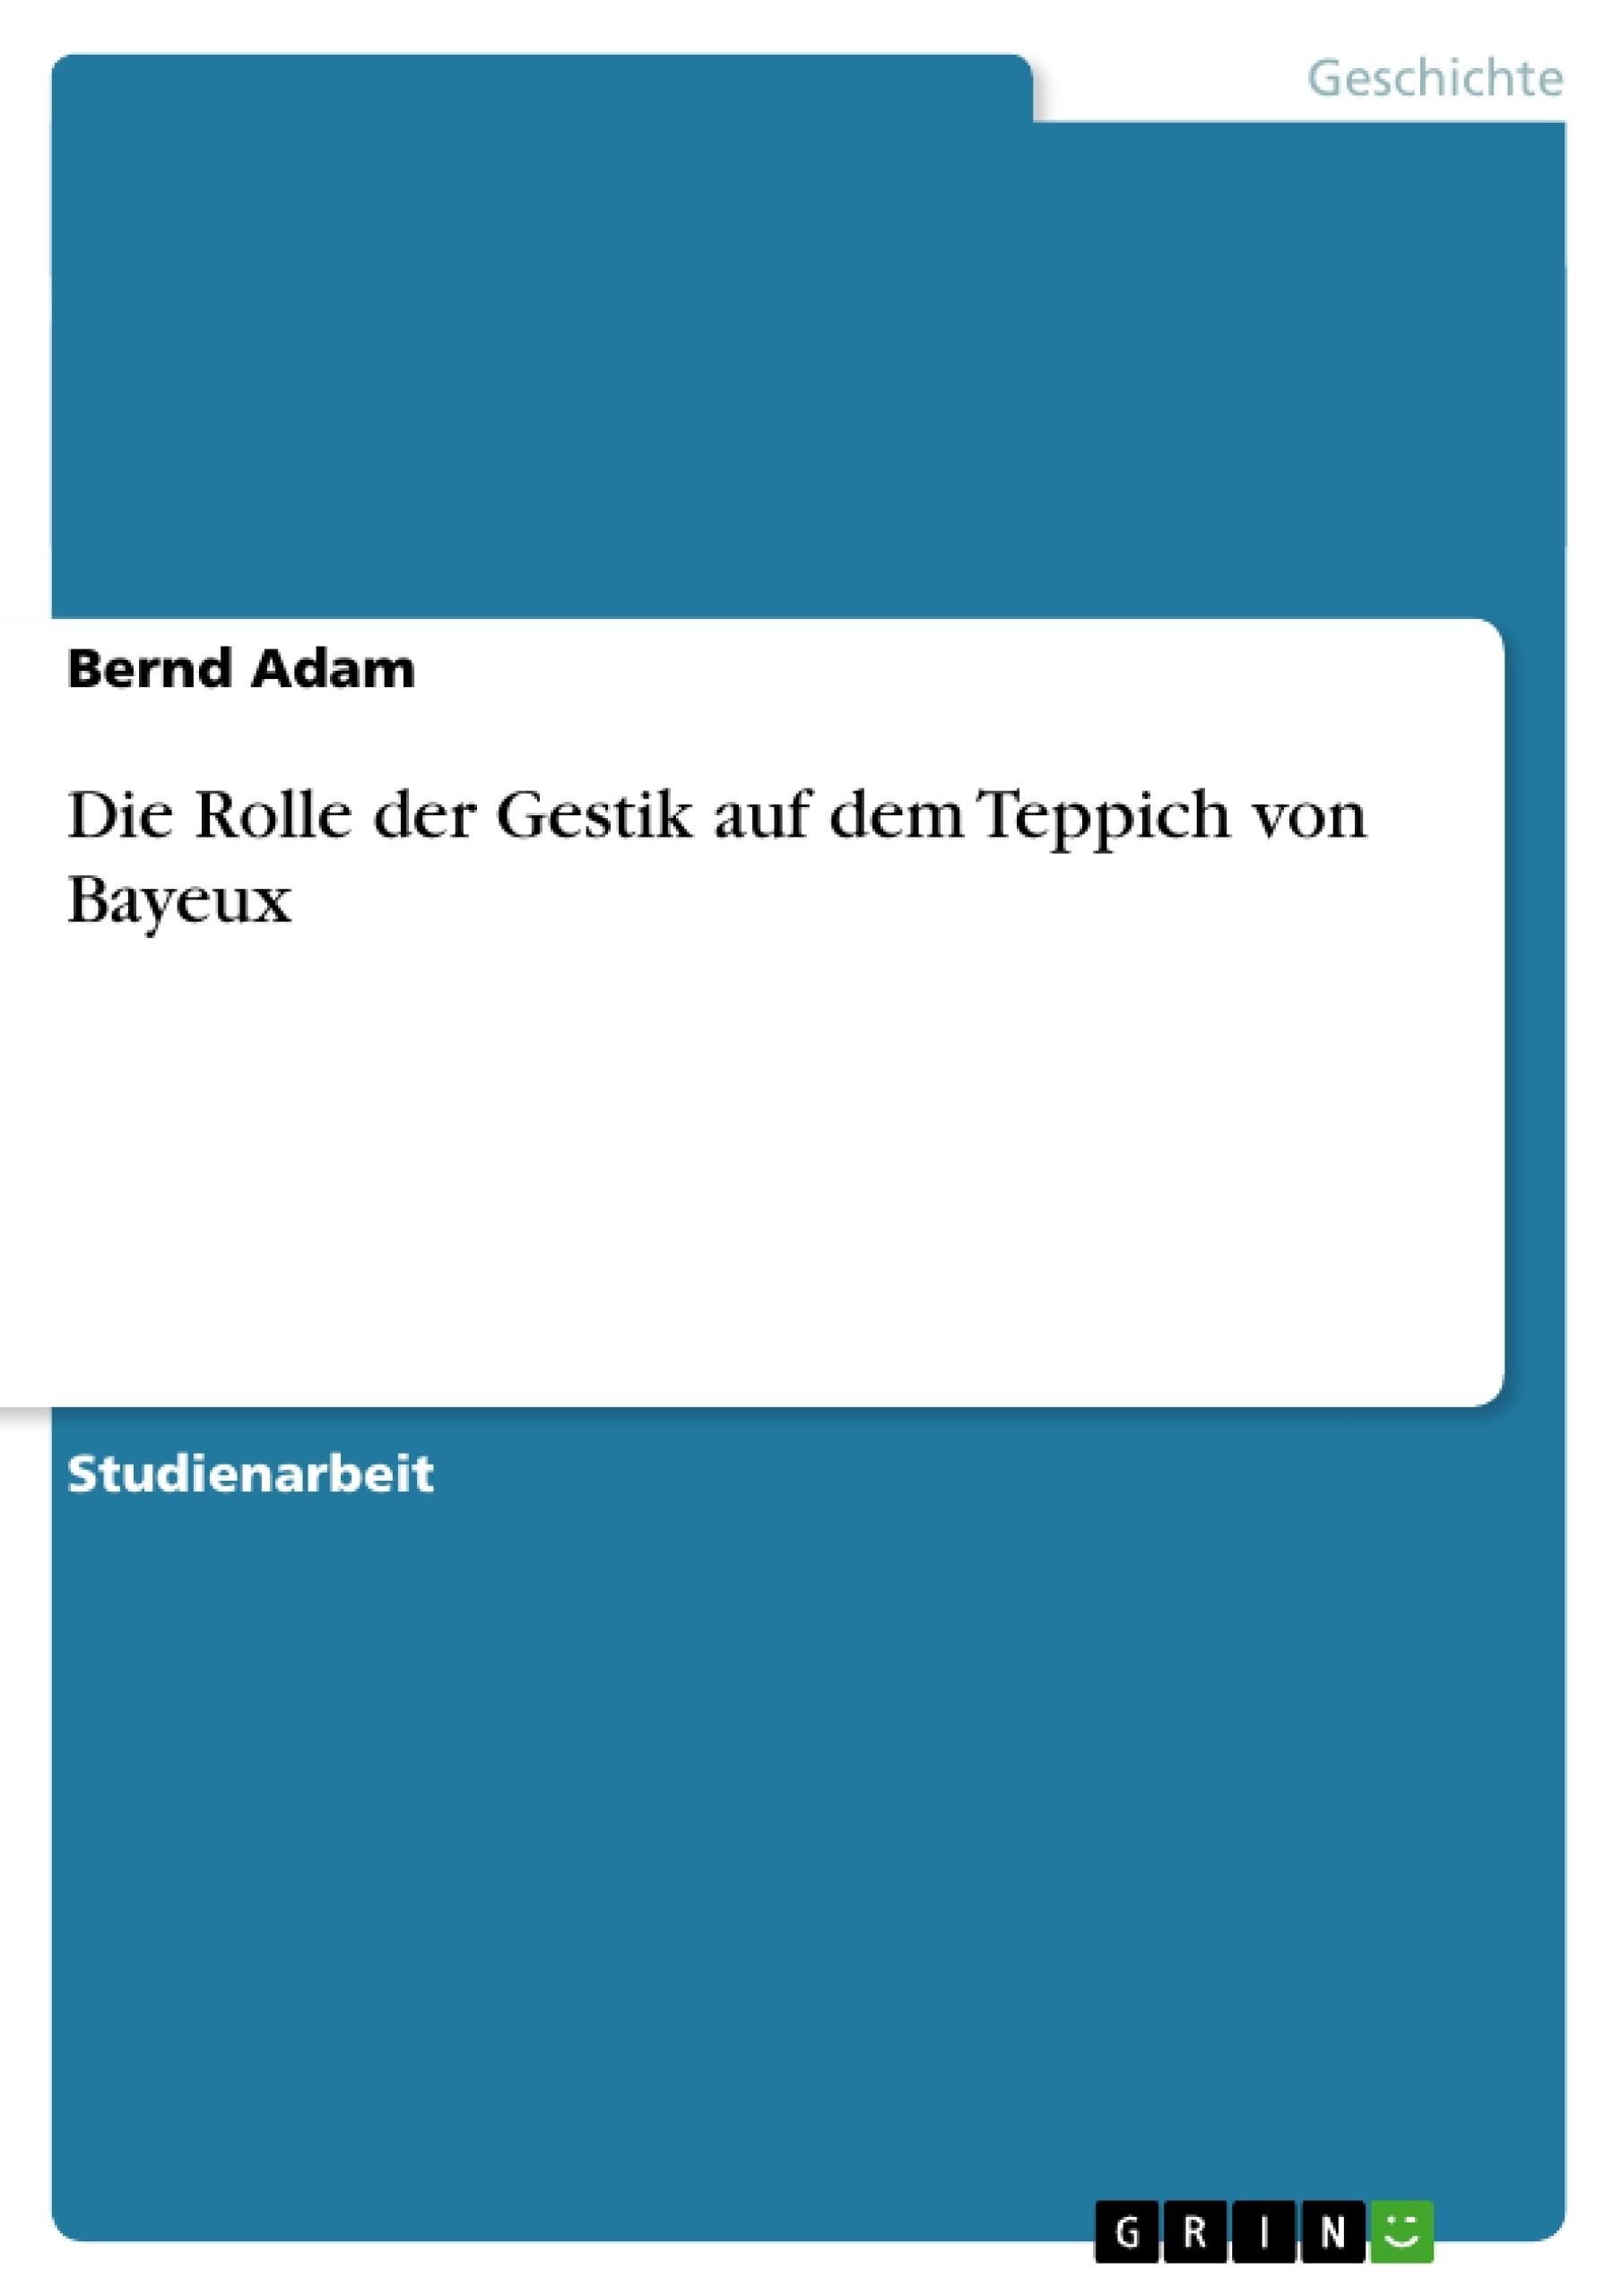 Titel: Die Rolle der Gestik auf dem Teppich von Bayeux